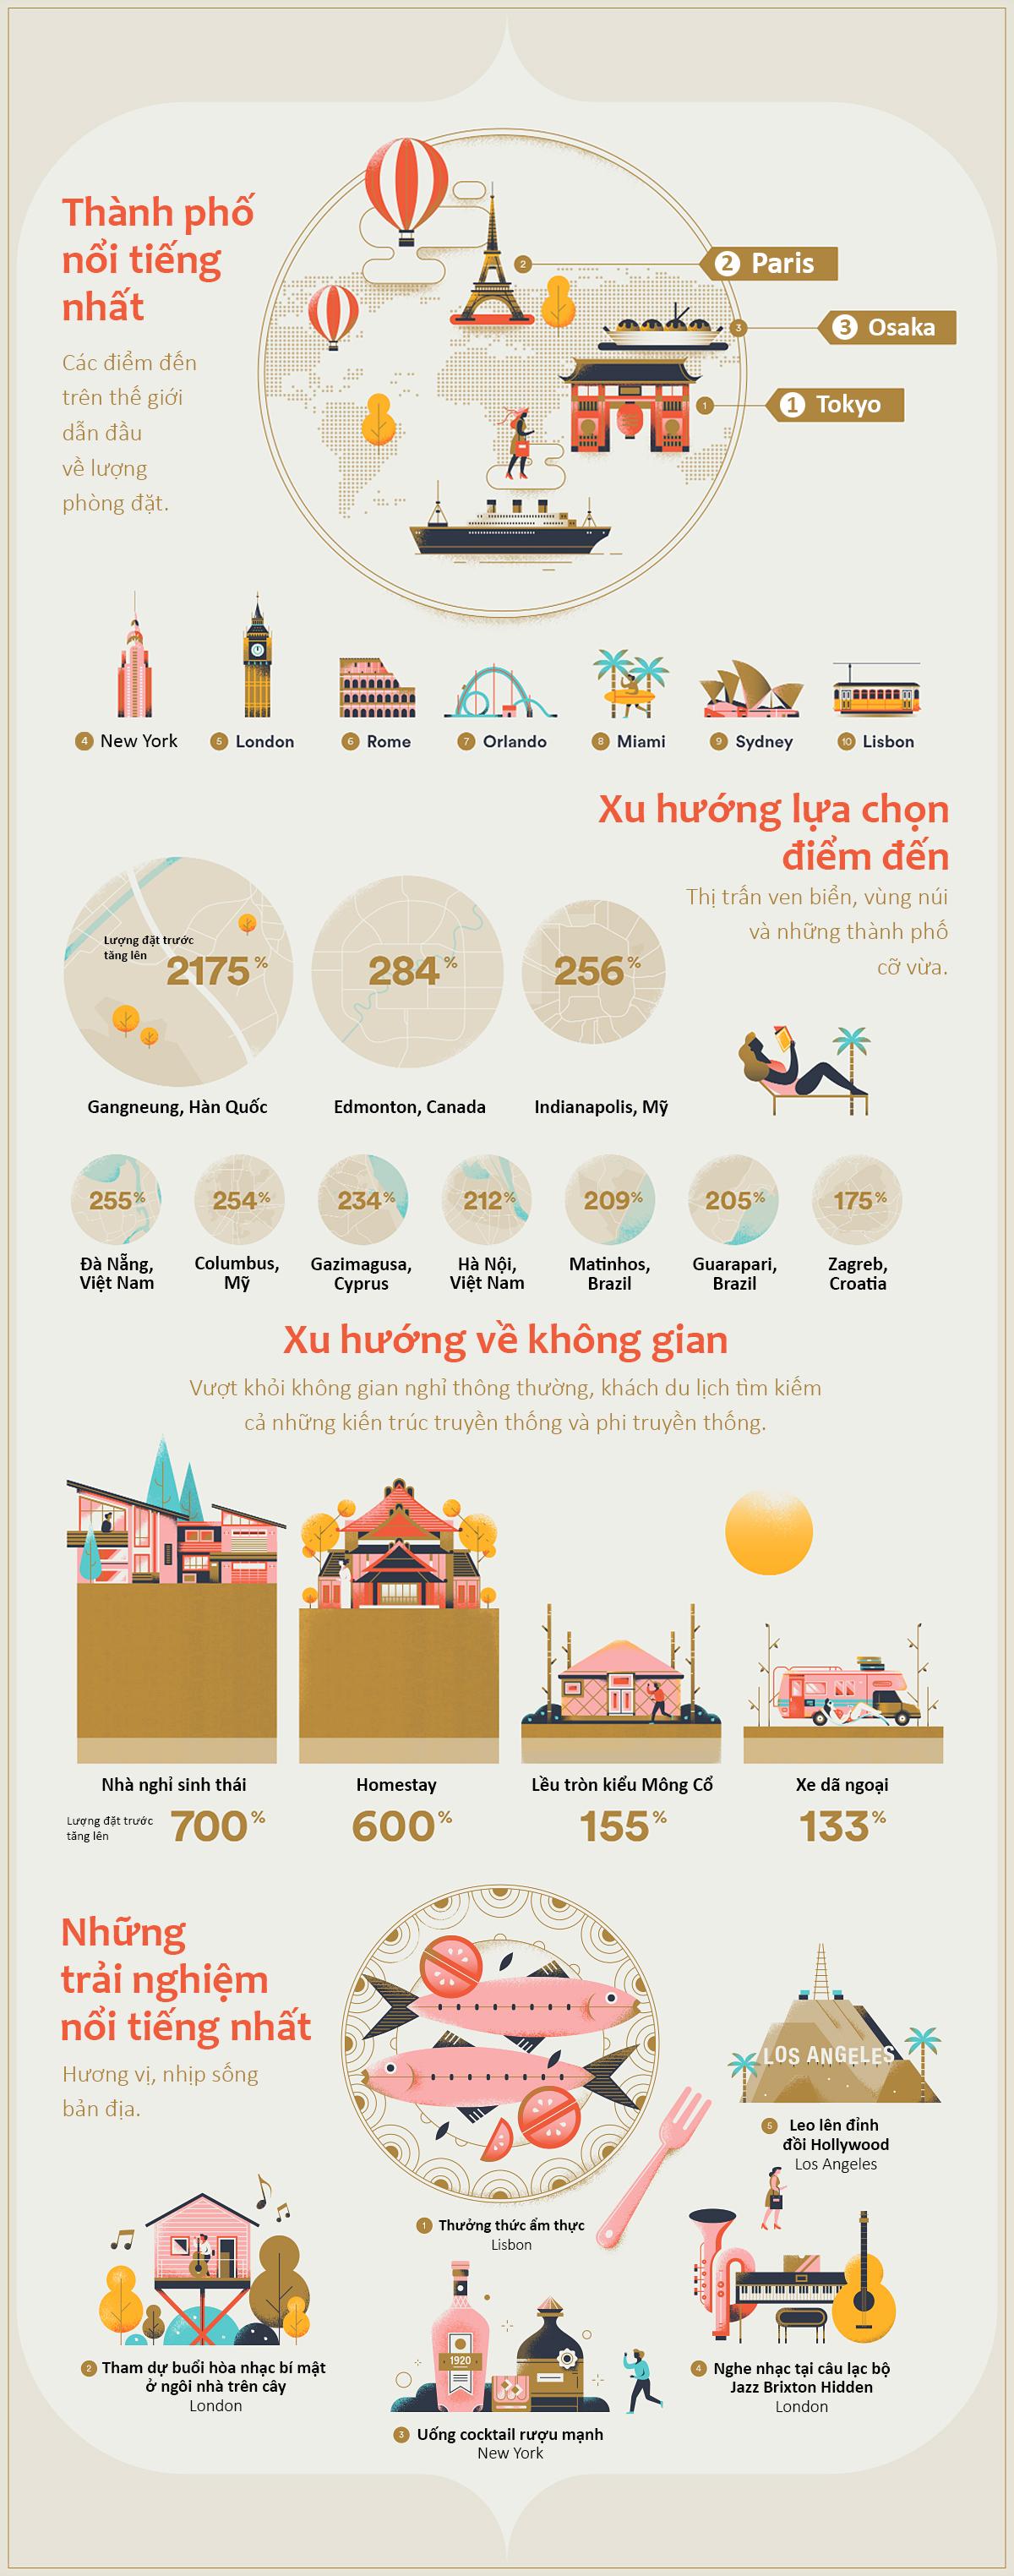 Việt Nam có hai thành phố vào top hot nhất thế giới 2018 - ảnh 1